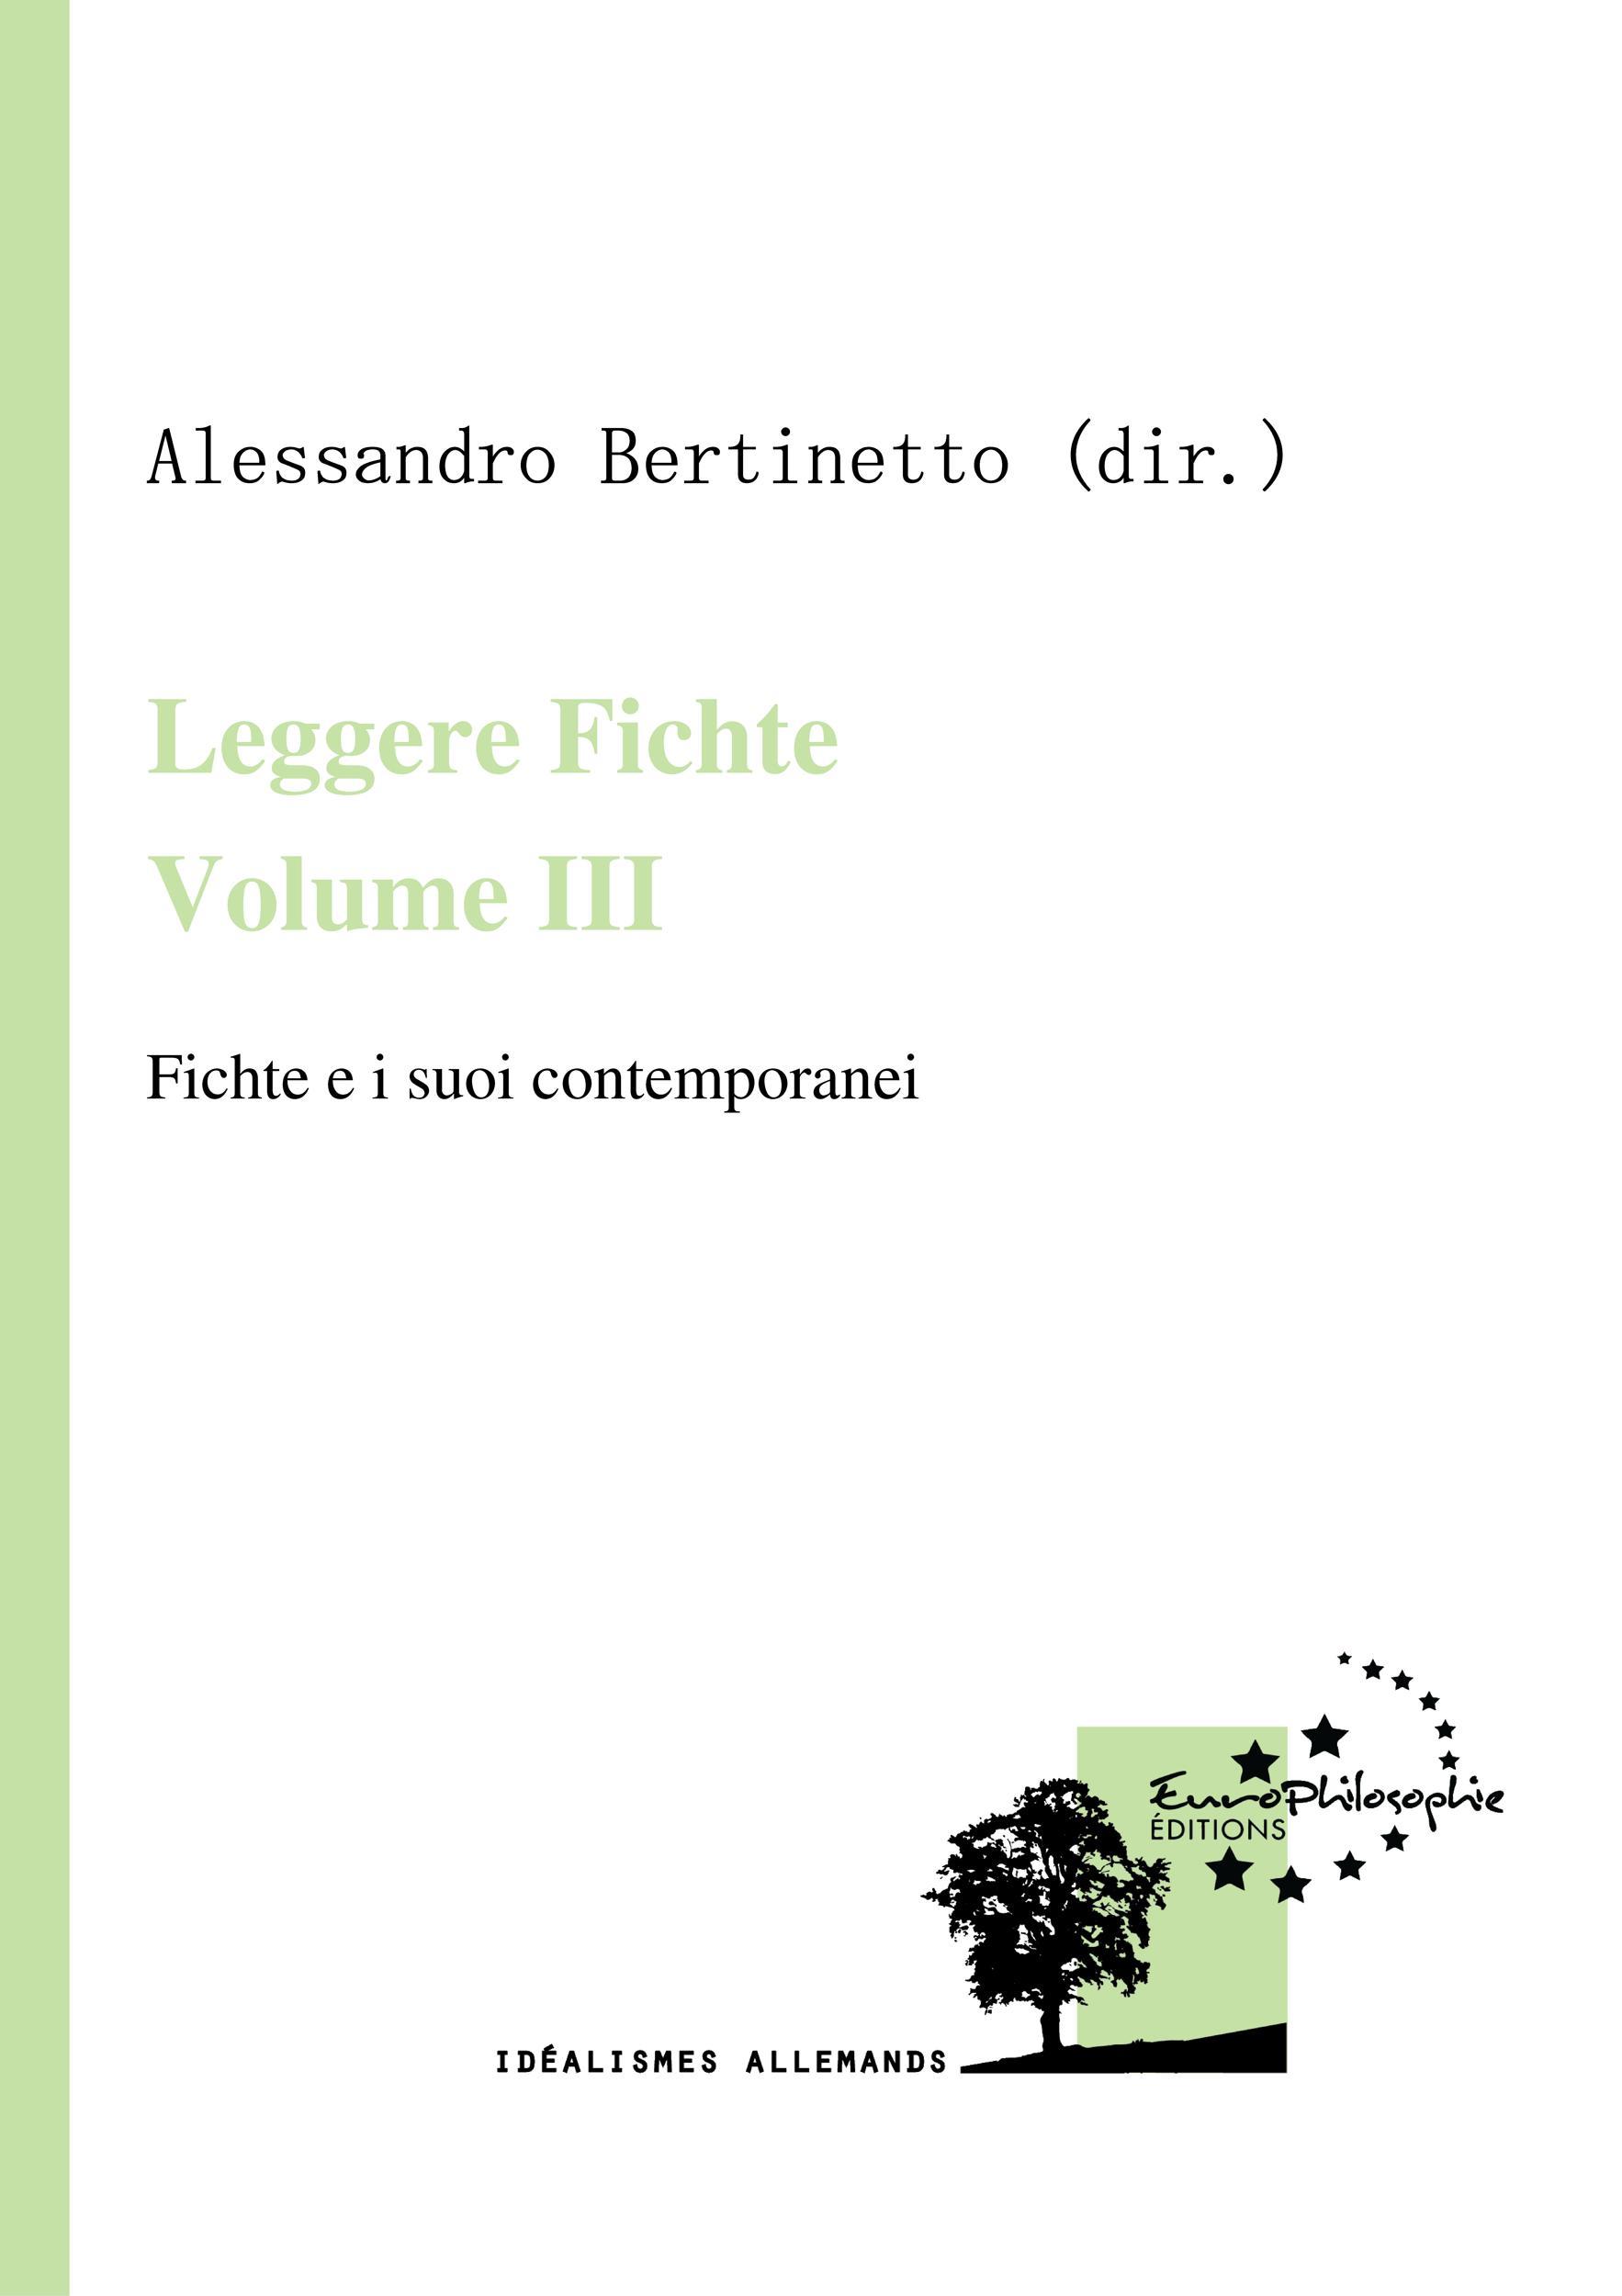 Leggere Fichte. Volume III, FICHTE E I SUOI CONTEMPORANEI